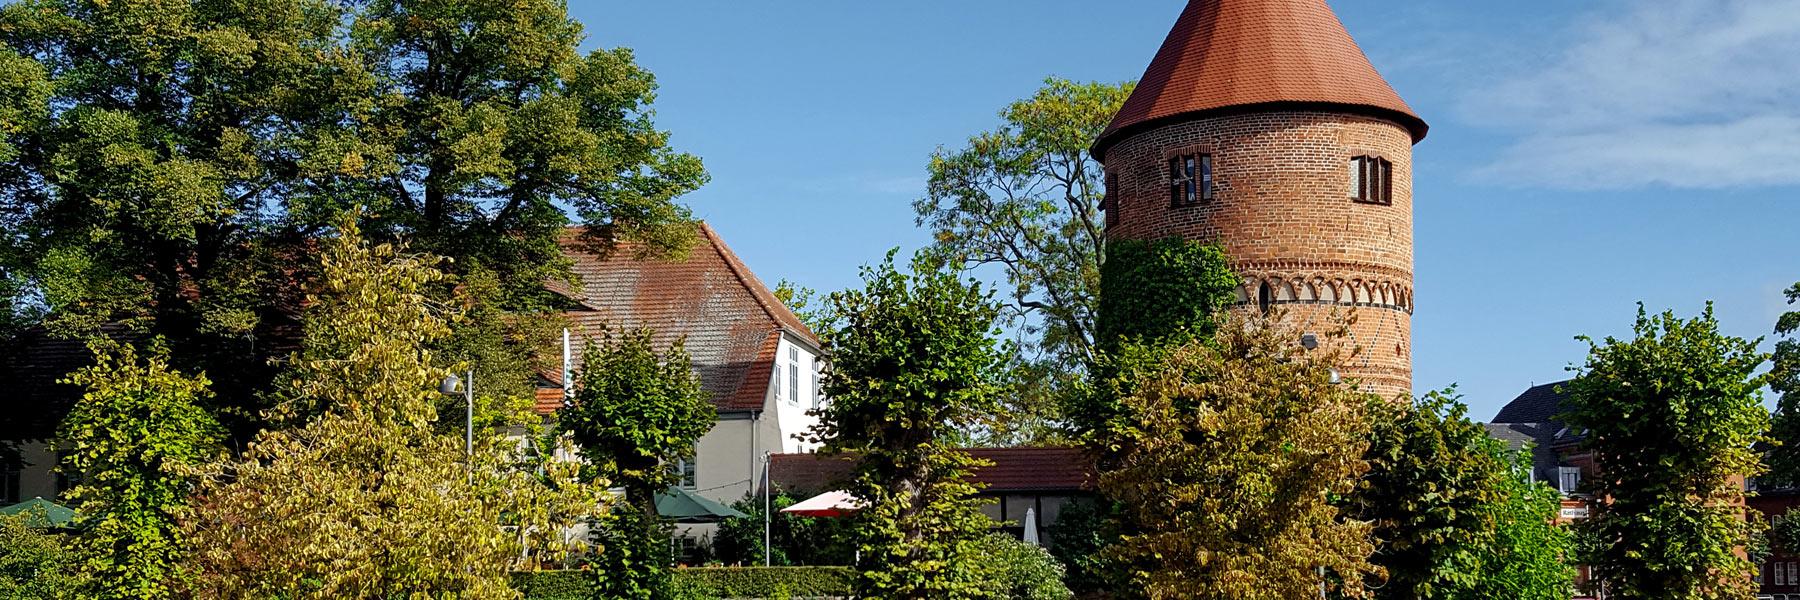 Amtsturm - Lübz